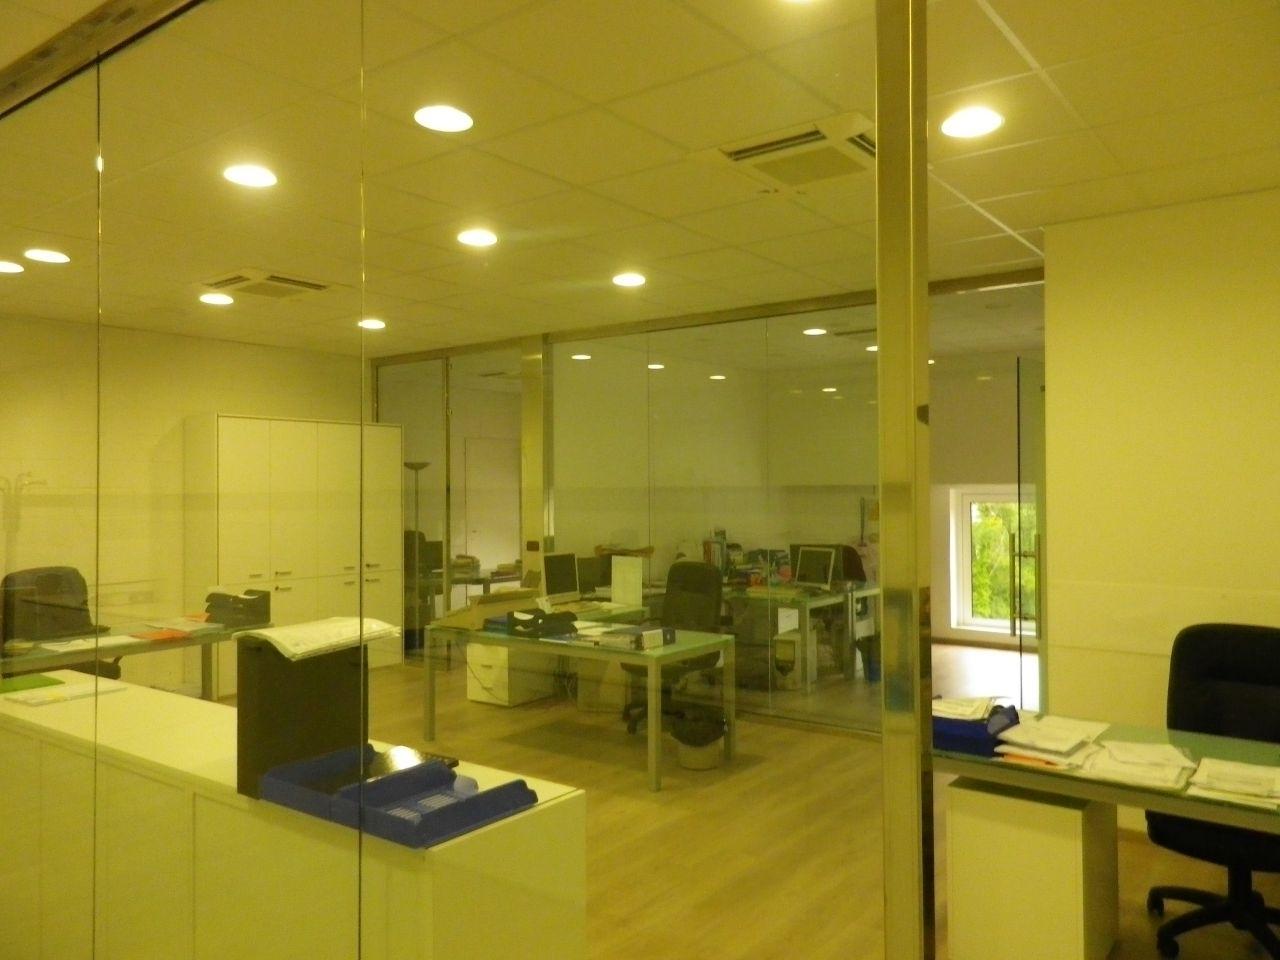 Ufficio / Studio in affitto a Leivi, 8 locali, prezzo € 1.500 | Cambio Casa.it